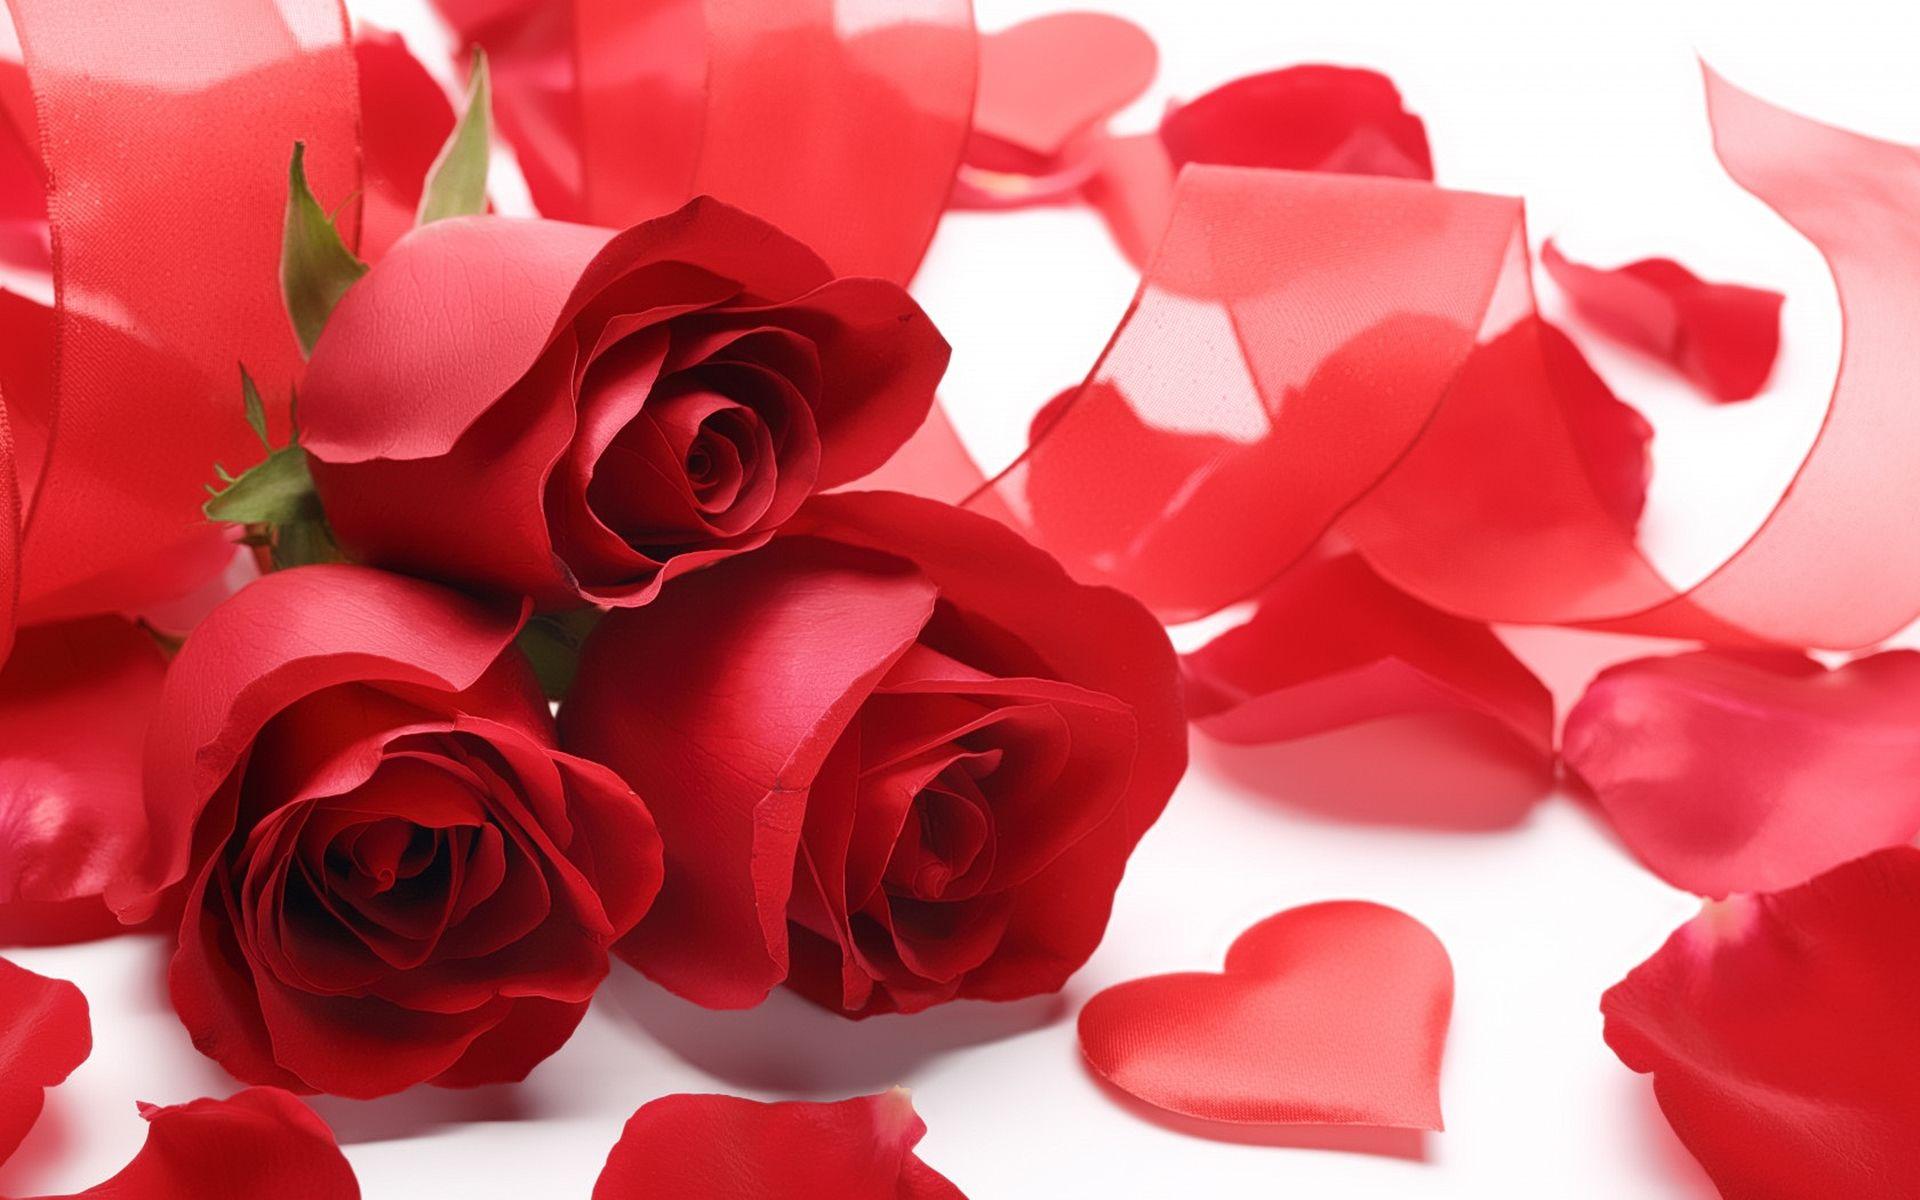 Hd wallpaper red rose - Romantic Red Rose Love Hd Wallpaper Red Pinterest Romantic